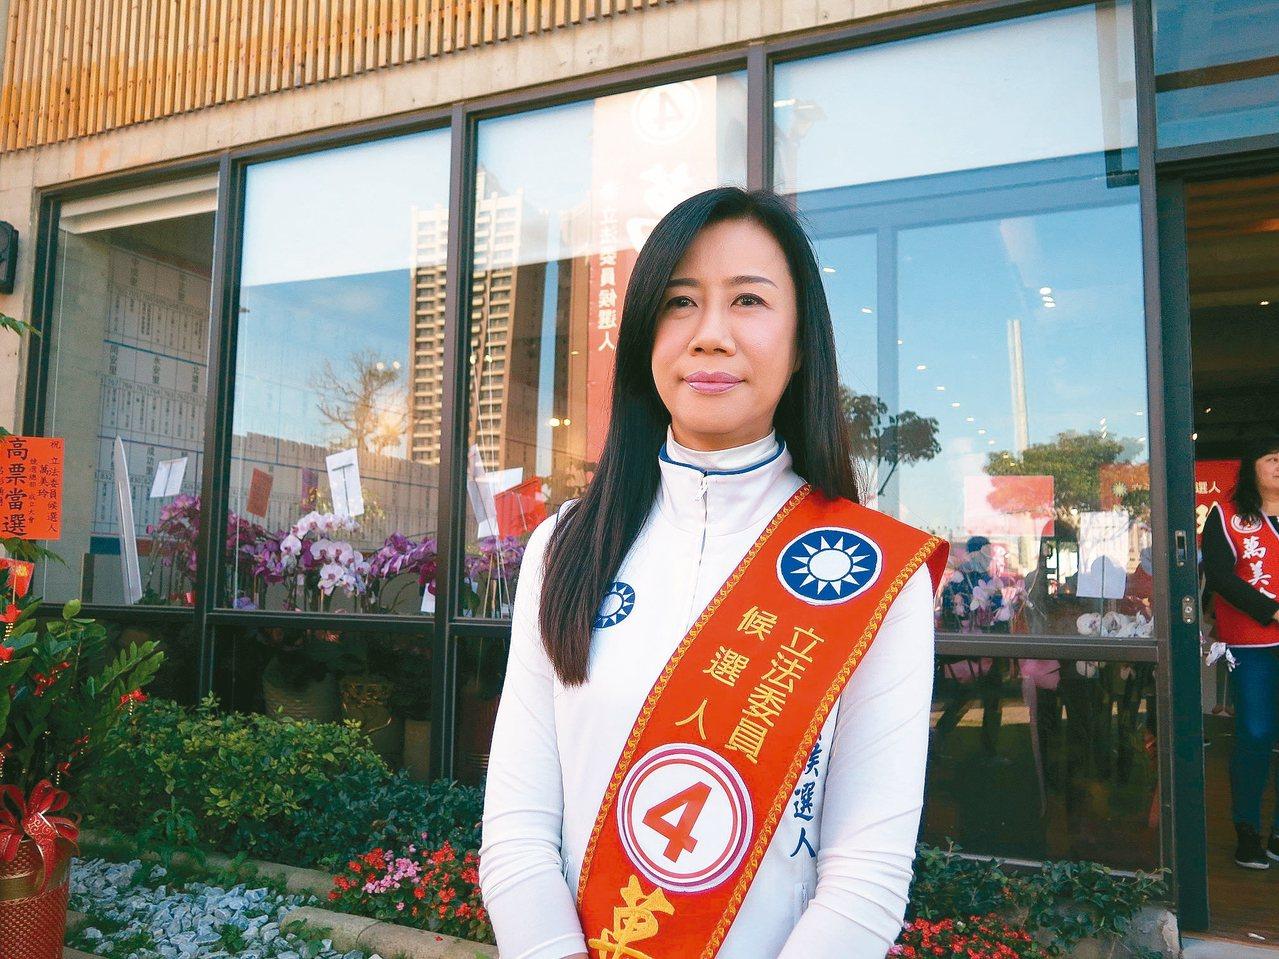 桃園市議員萬美玲當選立委,2月將就任。 圖/聯合報系資料照片